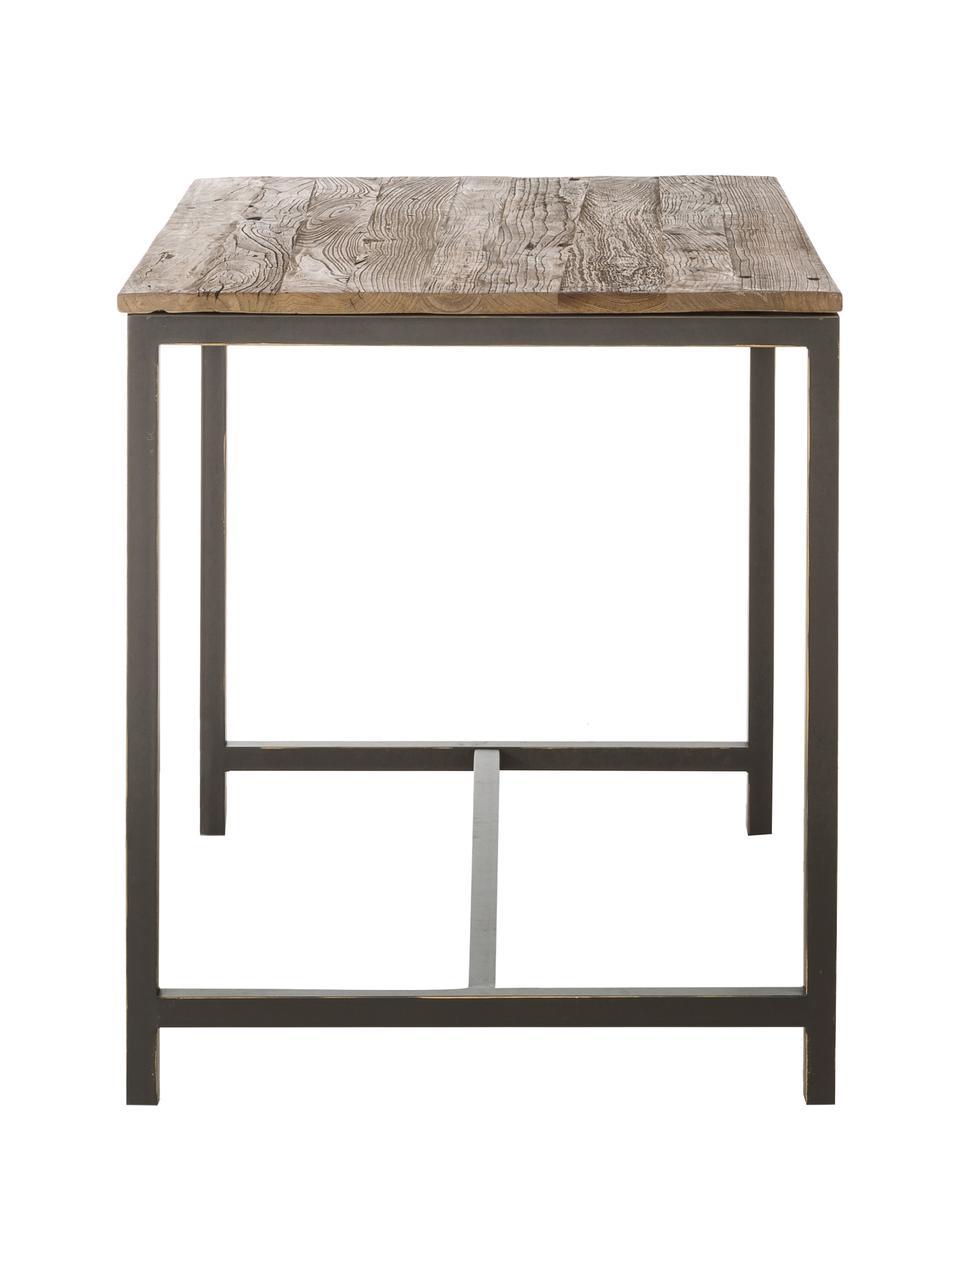 Stehtisch Vintage mit Massivholzplatte, Gestell: Stahl, pulverbeschichtet, Tischplatte: Ulmenholz, gebürstet und , Ulmenholz, 130 x 104 cm